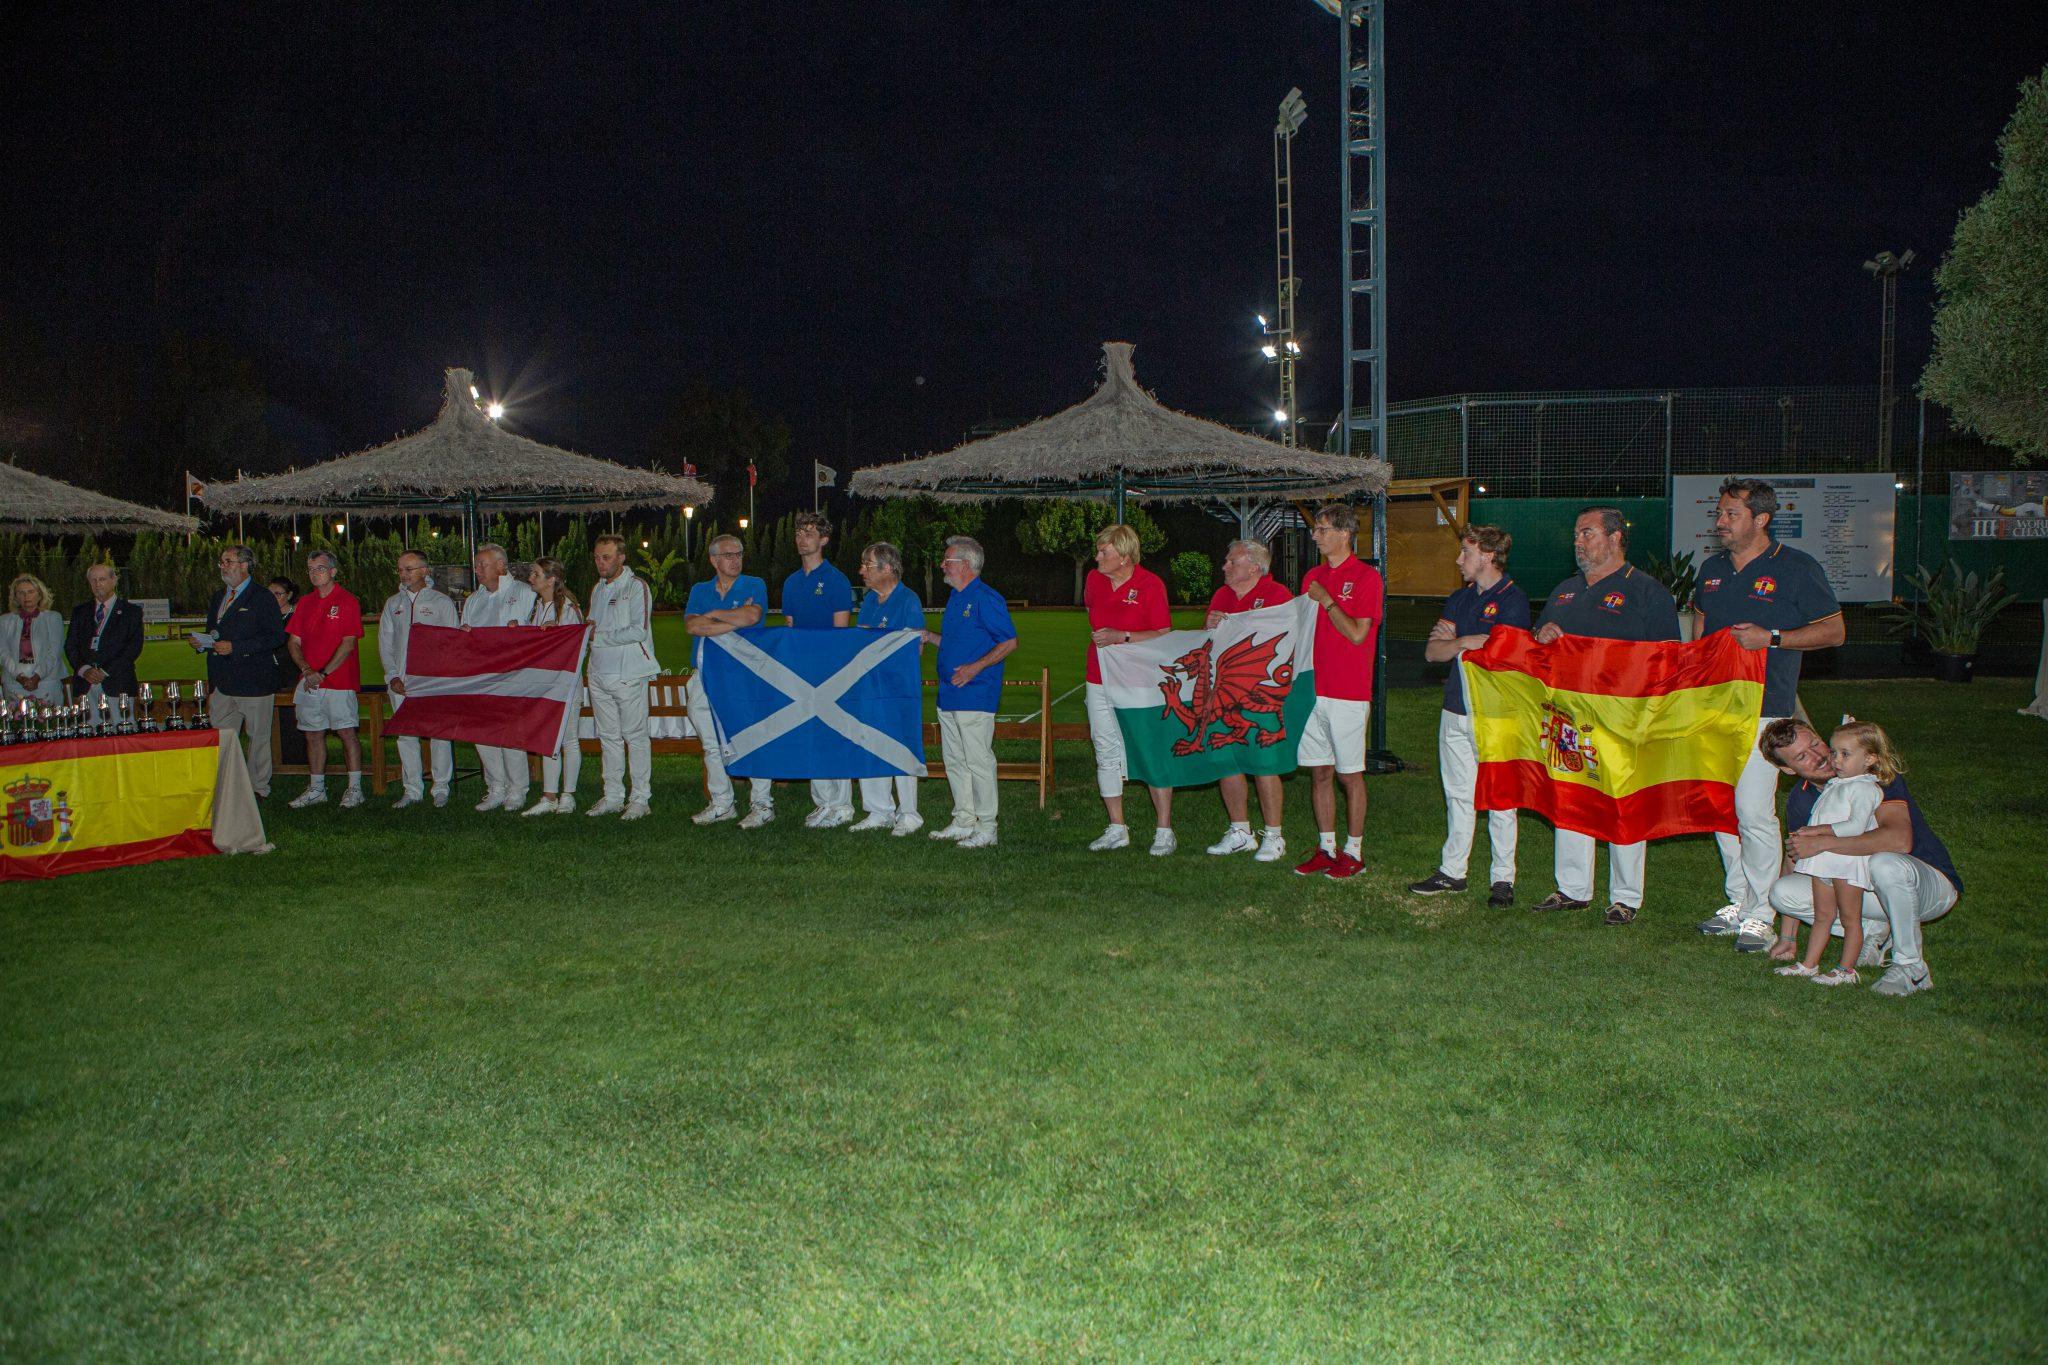 III Campeonato del Mundo de Croquet por Países - Real Novo Sancti Petri 181